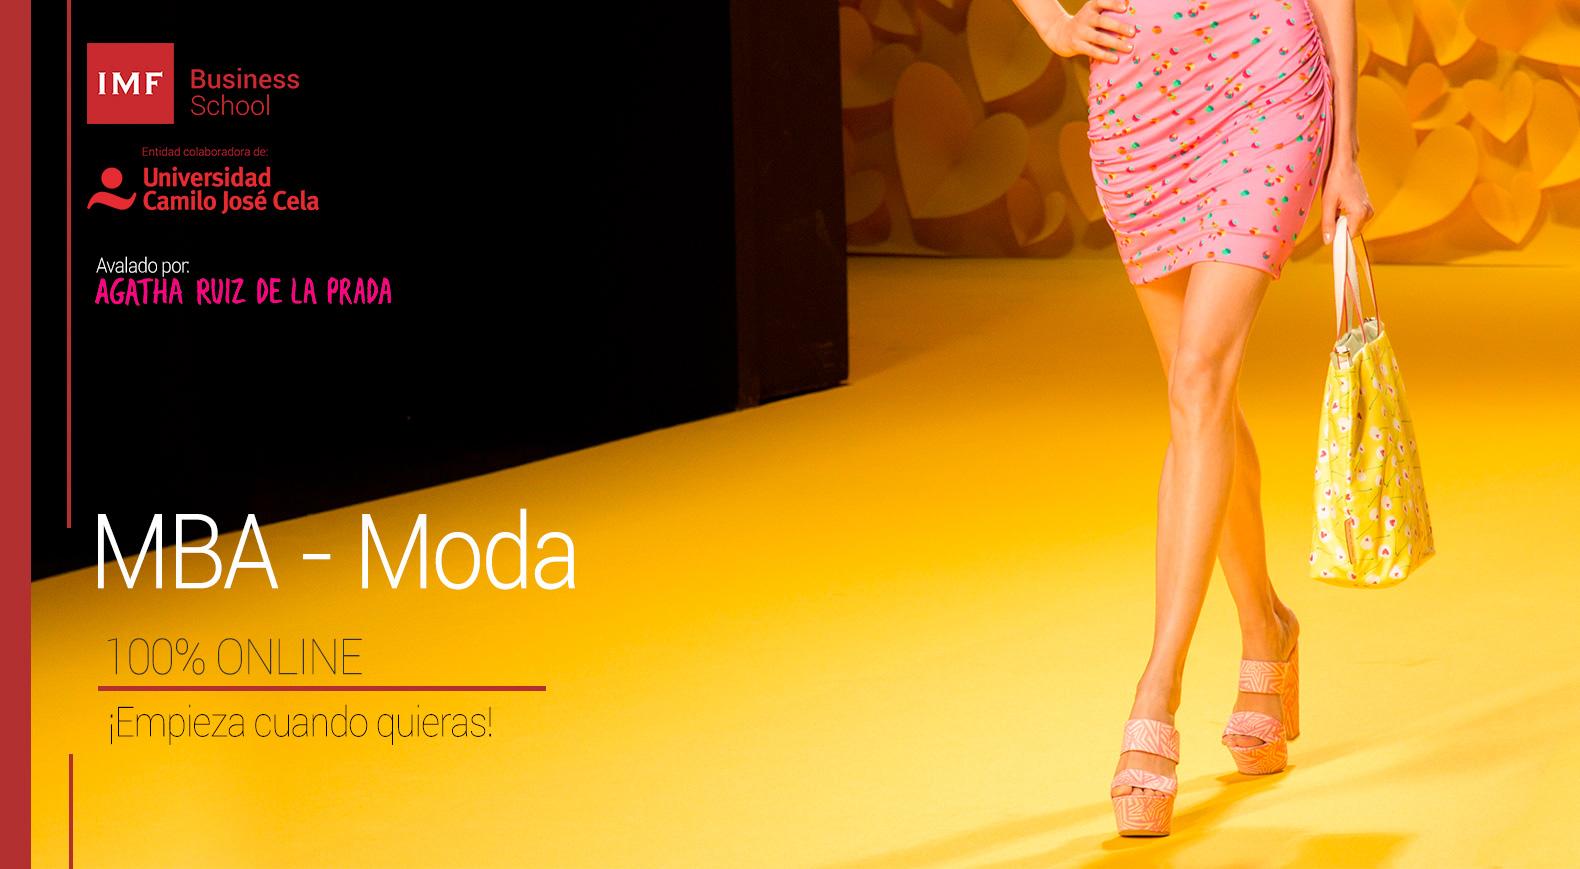 MBA Moda, master online